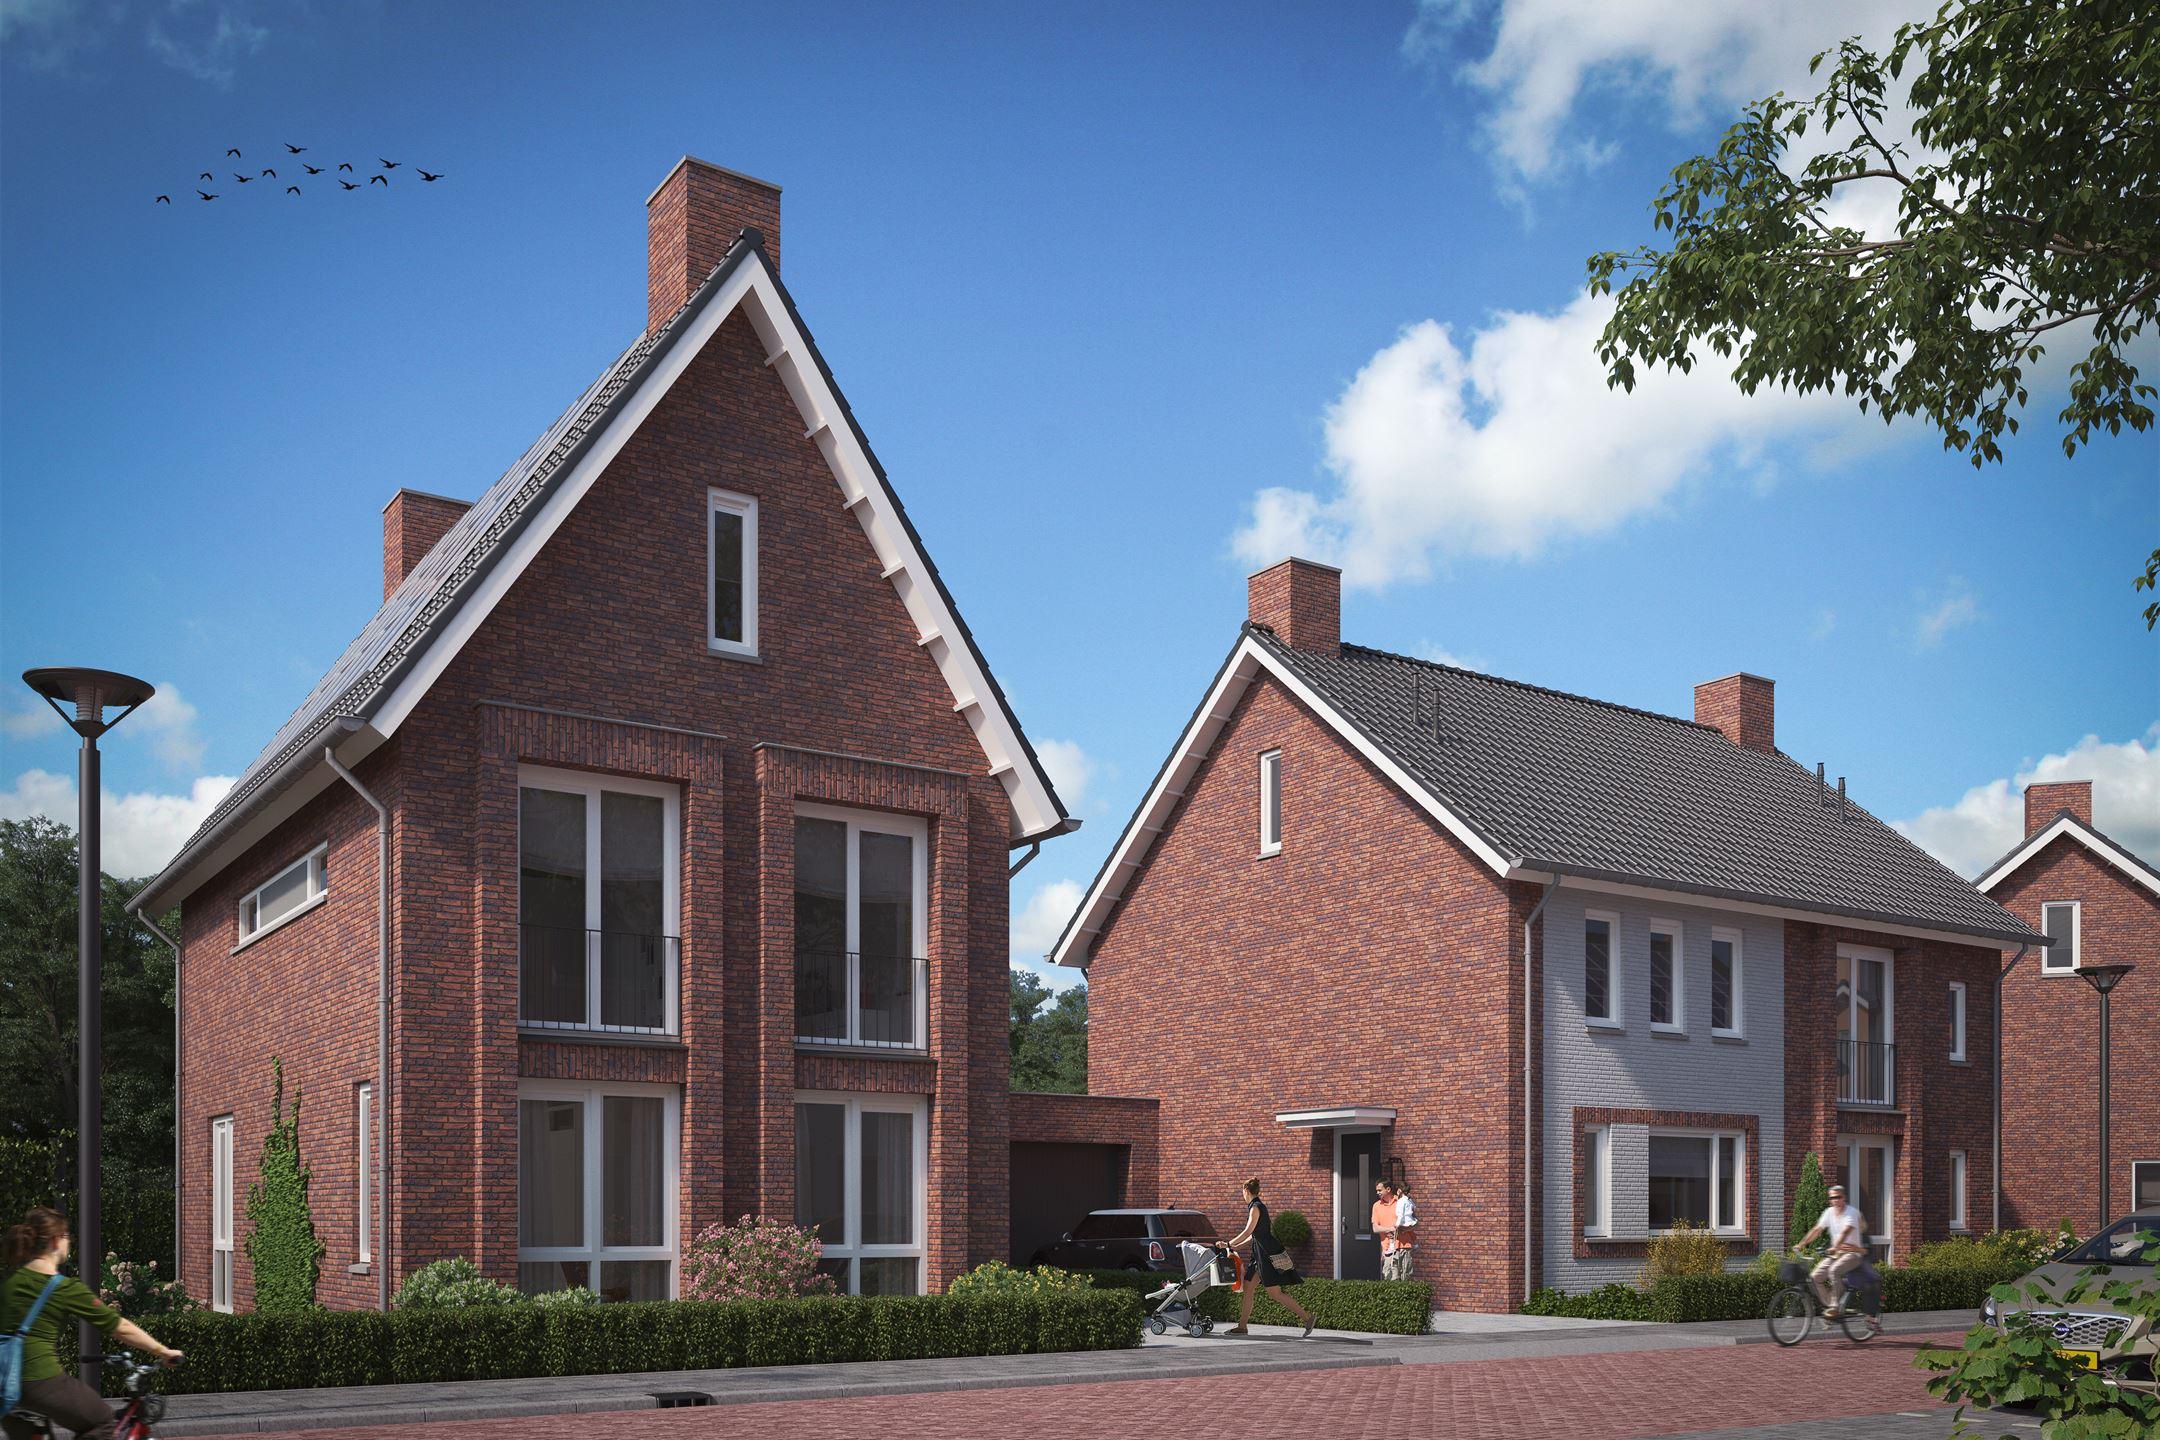 Huis te koop albano lob c vrijstaand gesch bouwnr 1 for Vrijstaand huis achterhoek